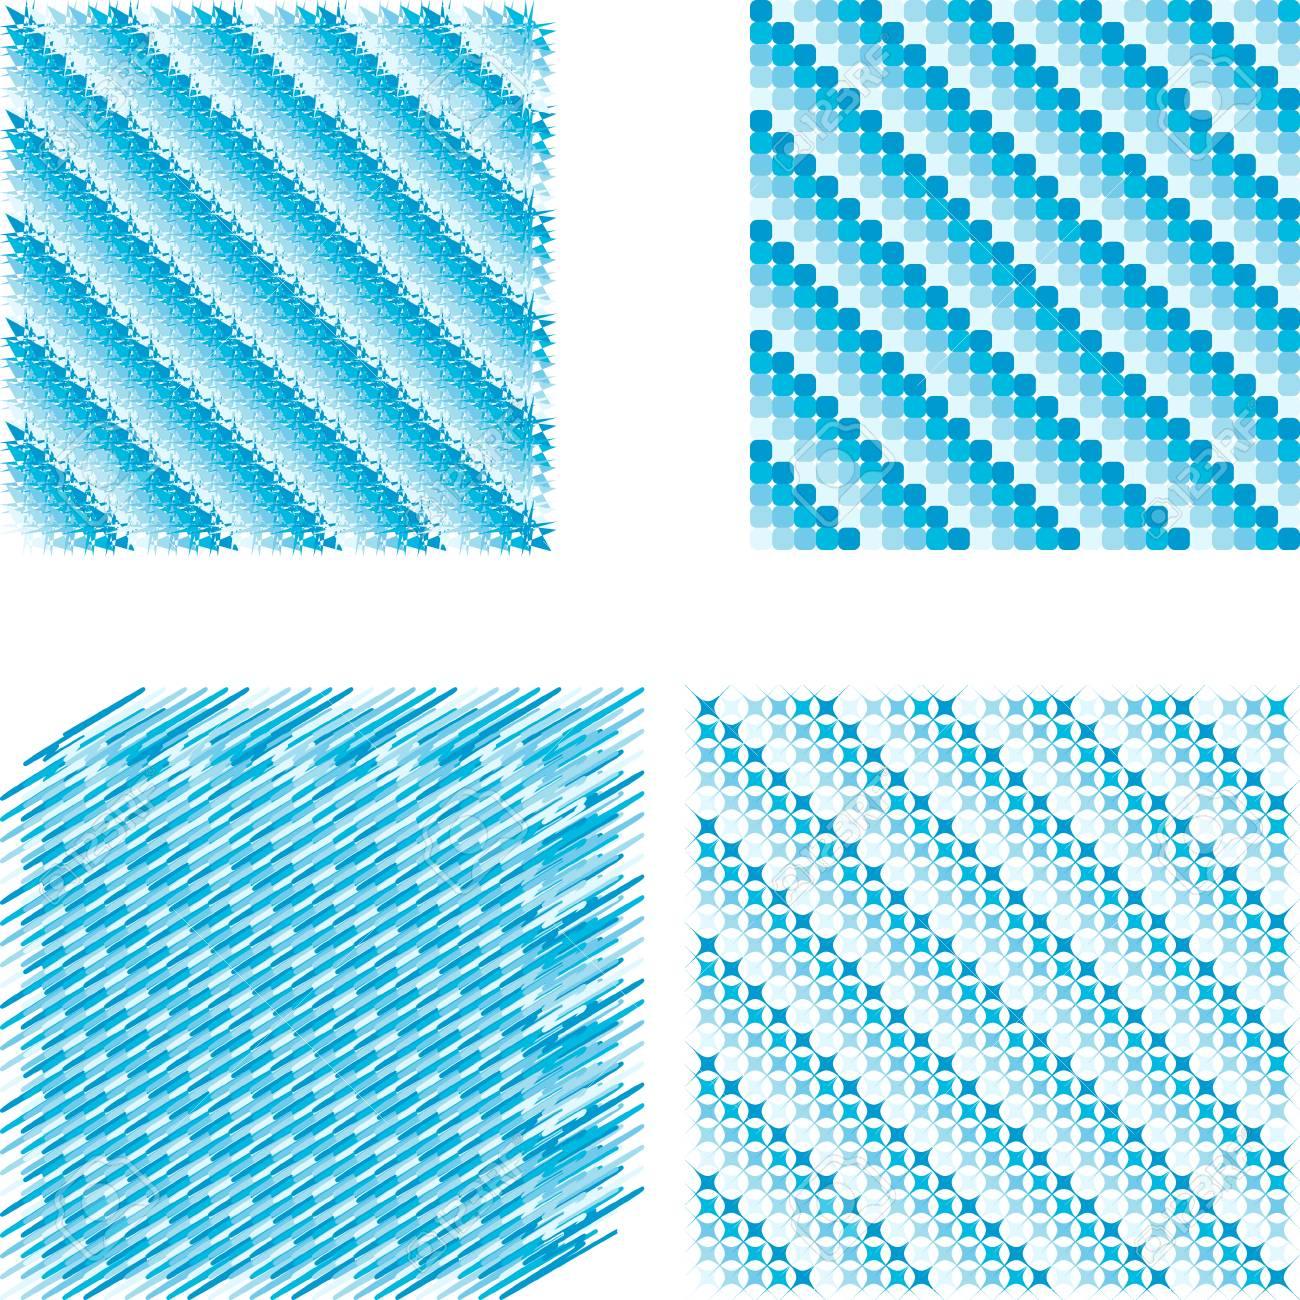 Ensemble Pixel De Fond De Glace En Diagonale Carrés Bleus Avec Différentes Nuances De Forme Diagonale Bleue Du Motif De Glace En Hiver Vecteur Pour